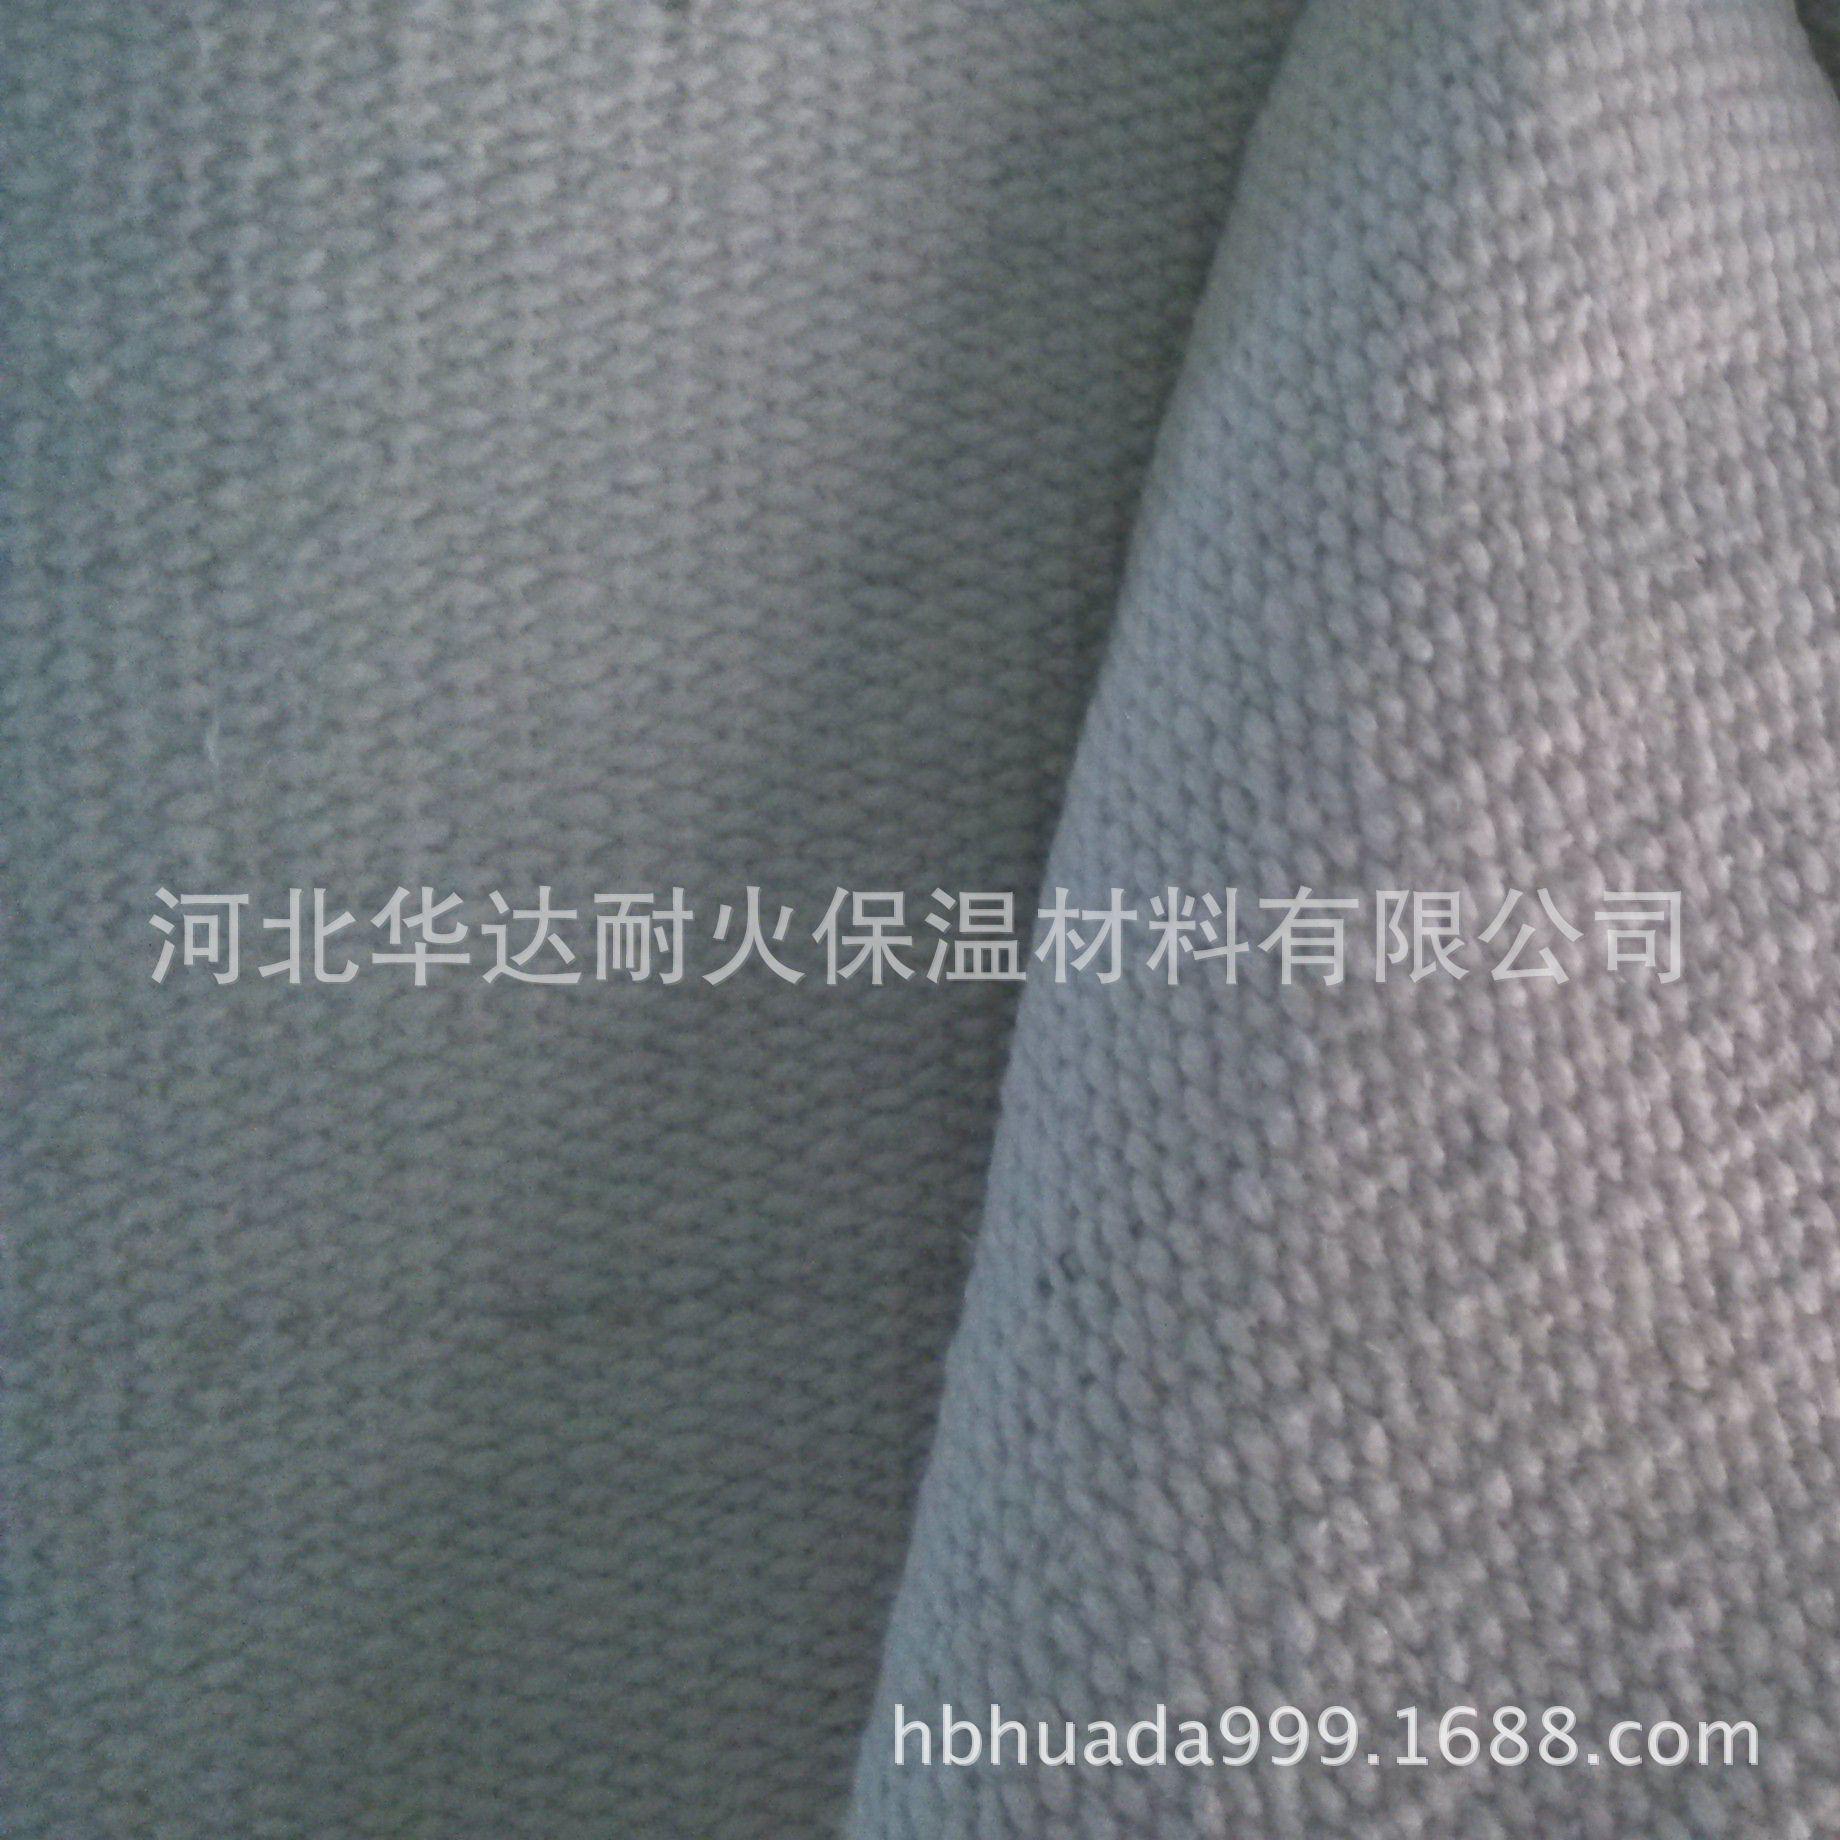 耐低温陶瓷纤维布 防火布 陶瓷制品 纤维状 高温保温